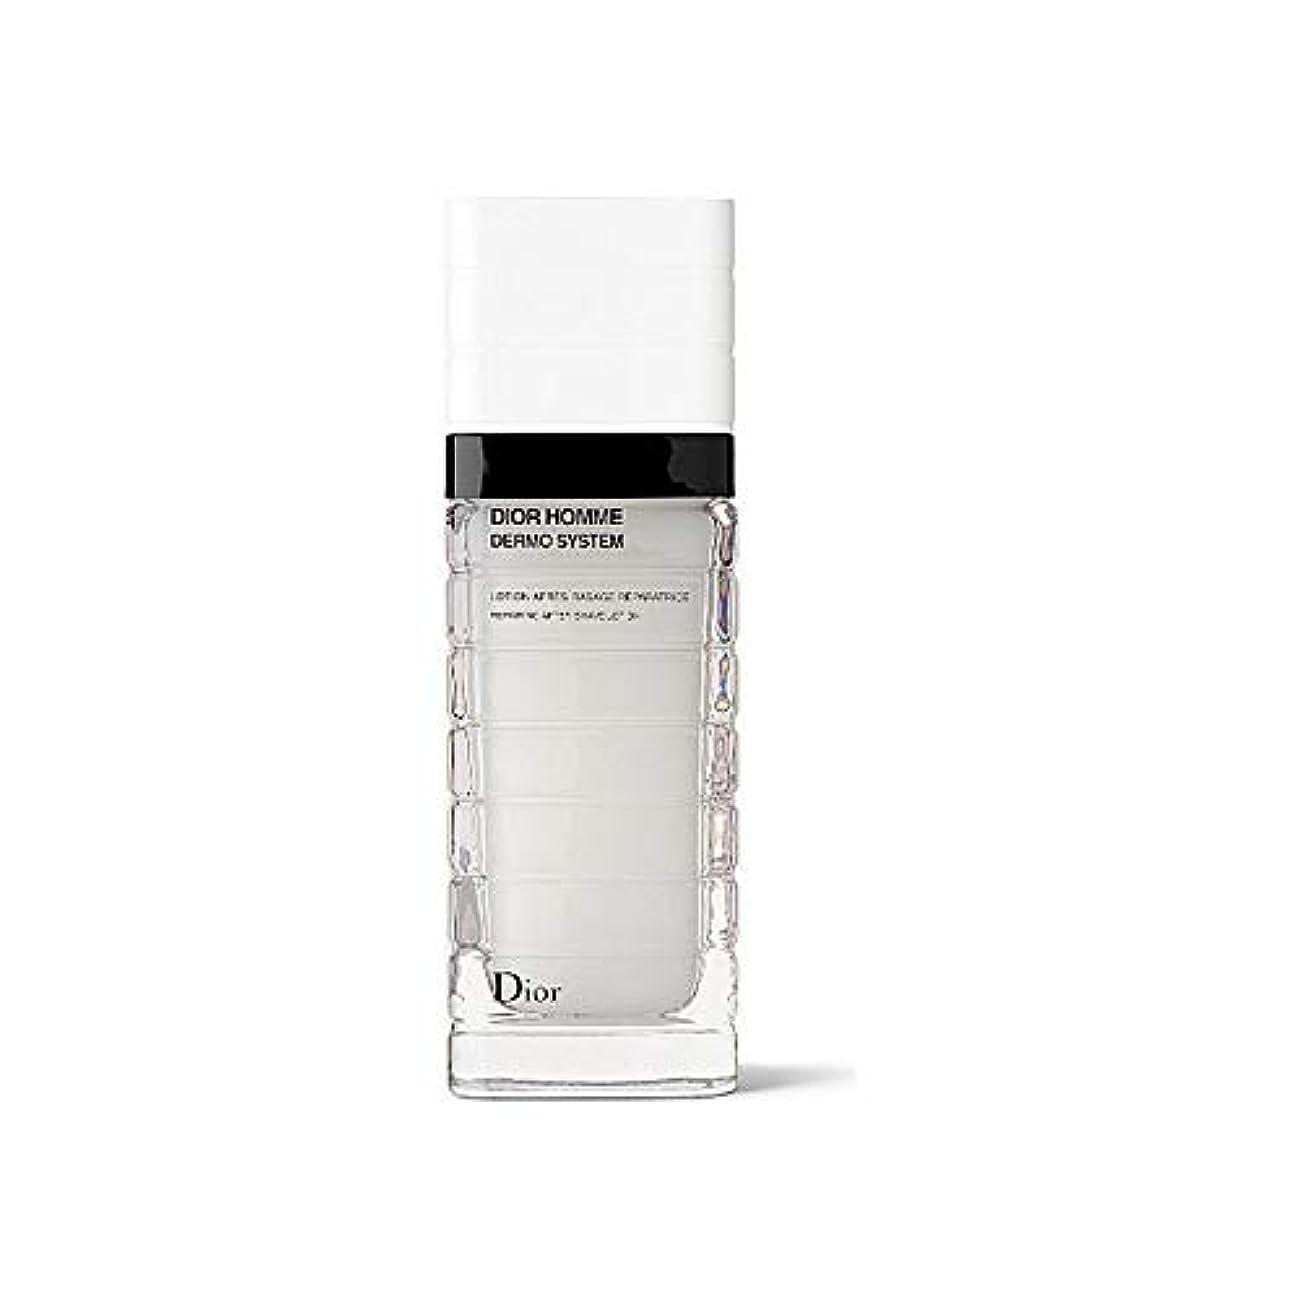 楽なアルファベットケニア[Dior] ディオールの真皮システムなだめるようなローション100ミリリットル - Dior Dermo System Soothing Lotion 100ml [並行輸入品]